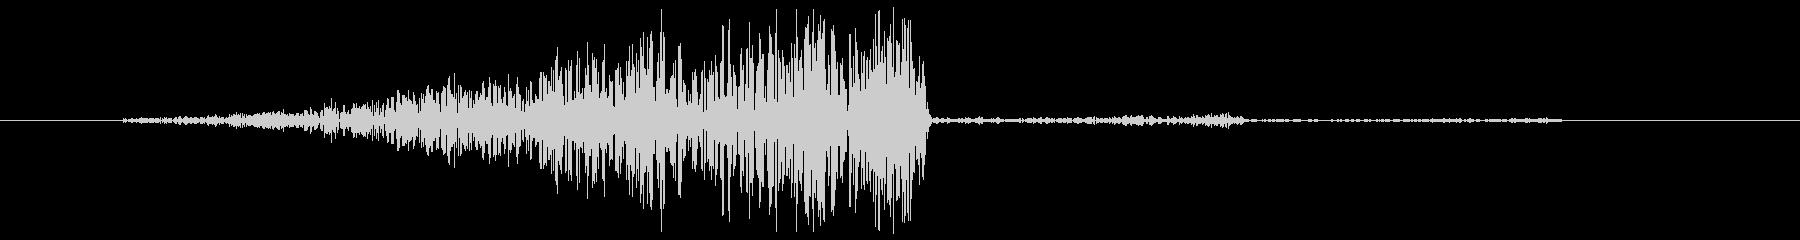 シュオッ↓(キャンセル音、閉じる)の未再生の波形